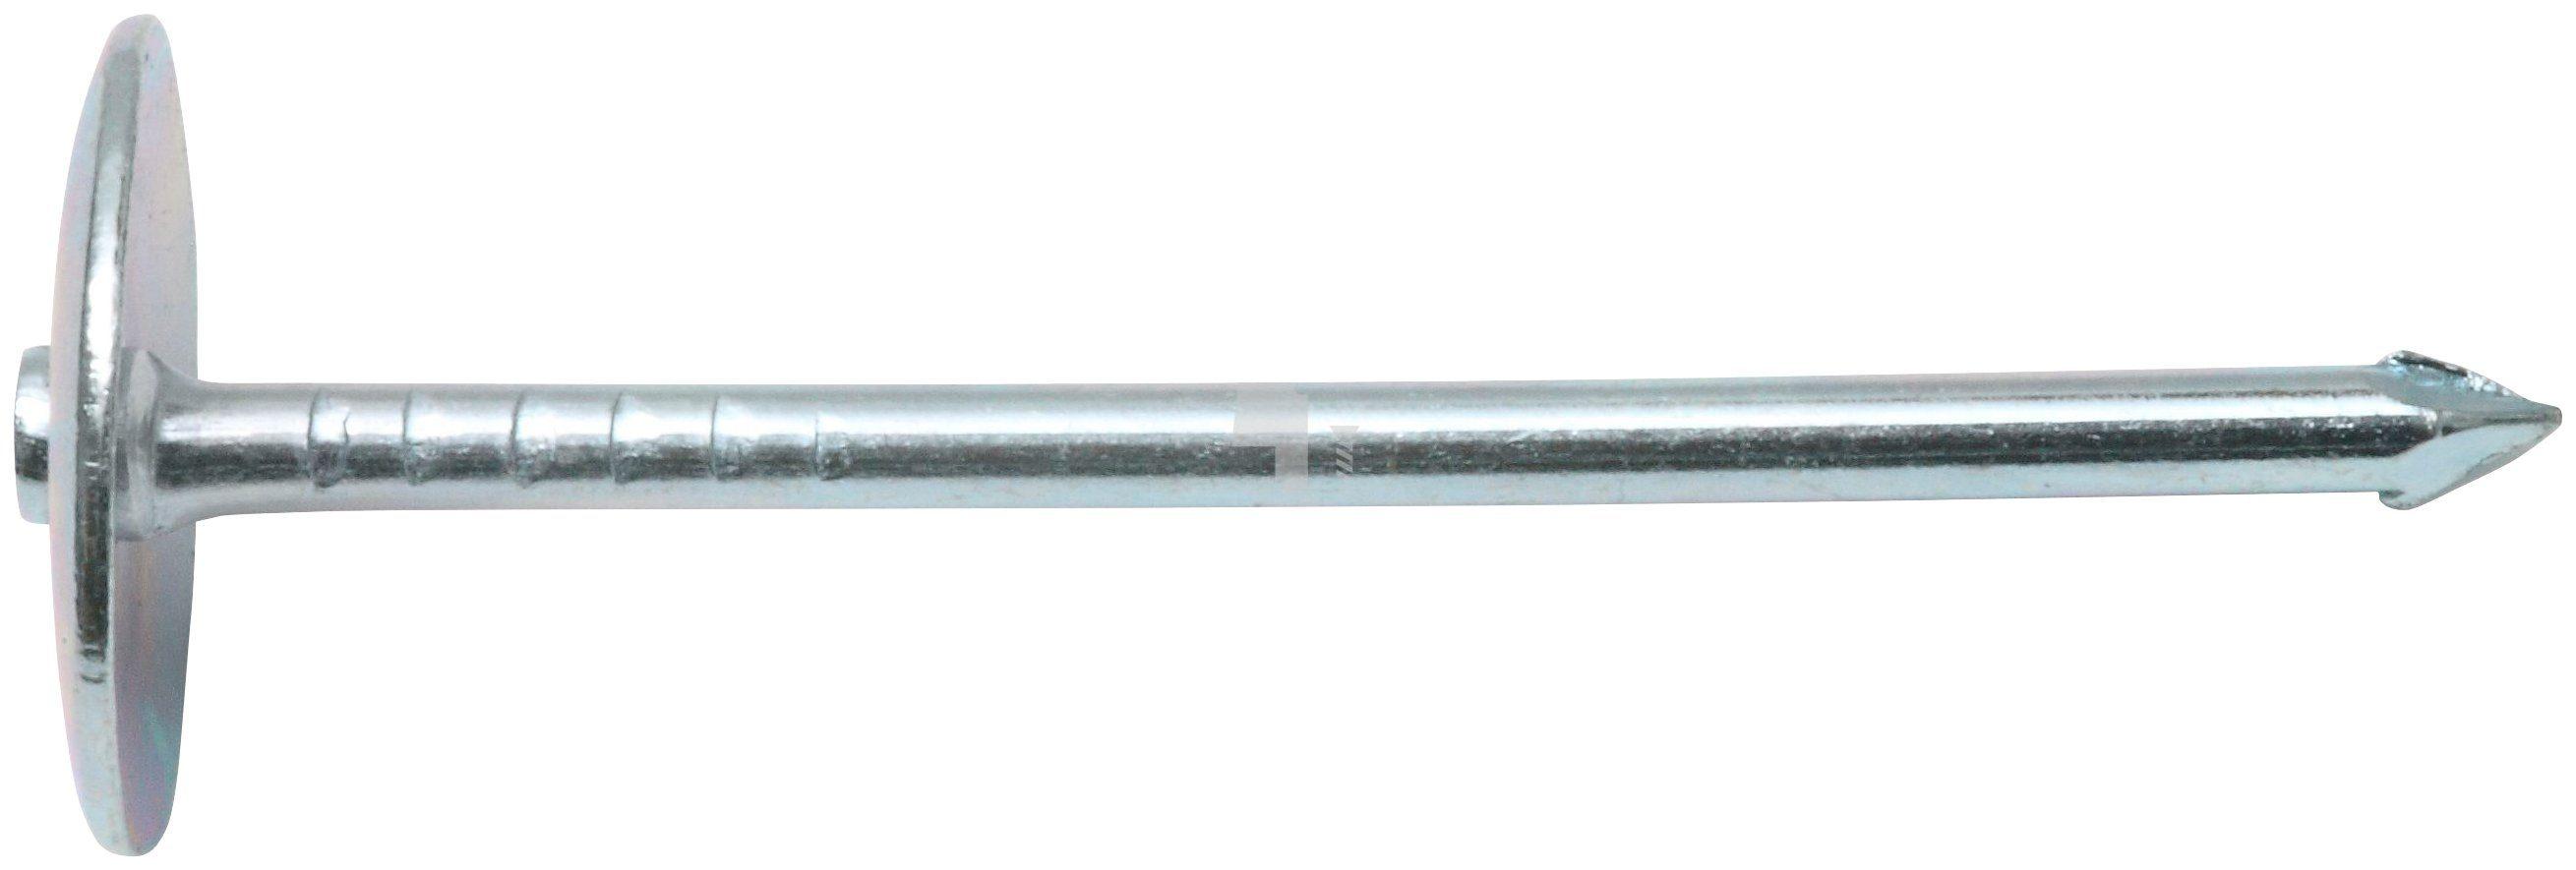 RAMSES Nagel , Leichtbauplattenstifte DIN 1144 3,4 x 90 mm Stahl